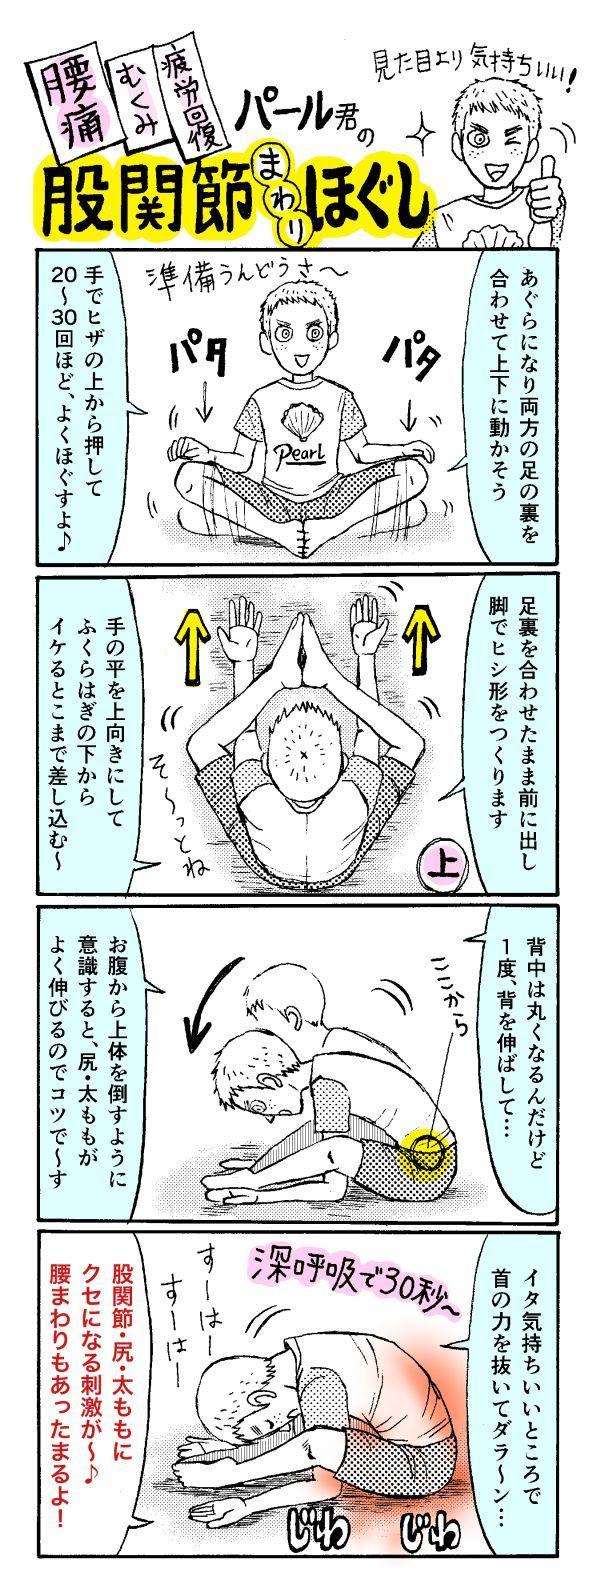 「真珠貝のポーズ」は、腰を下から支えていて疲れやすい尻・太もも裏・内ももの筋肉を伸ばし、股関節に刺激が入る腰痛改善に有名なヨガのポーズです。